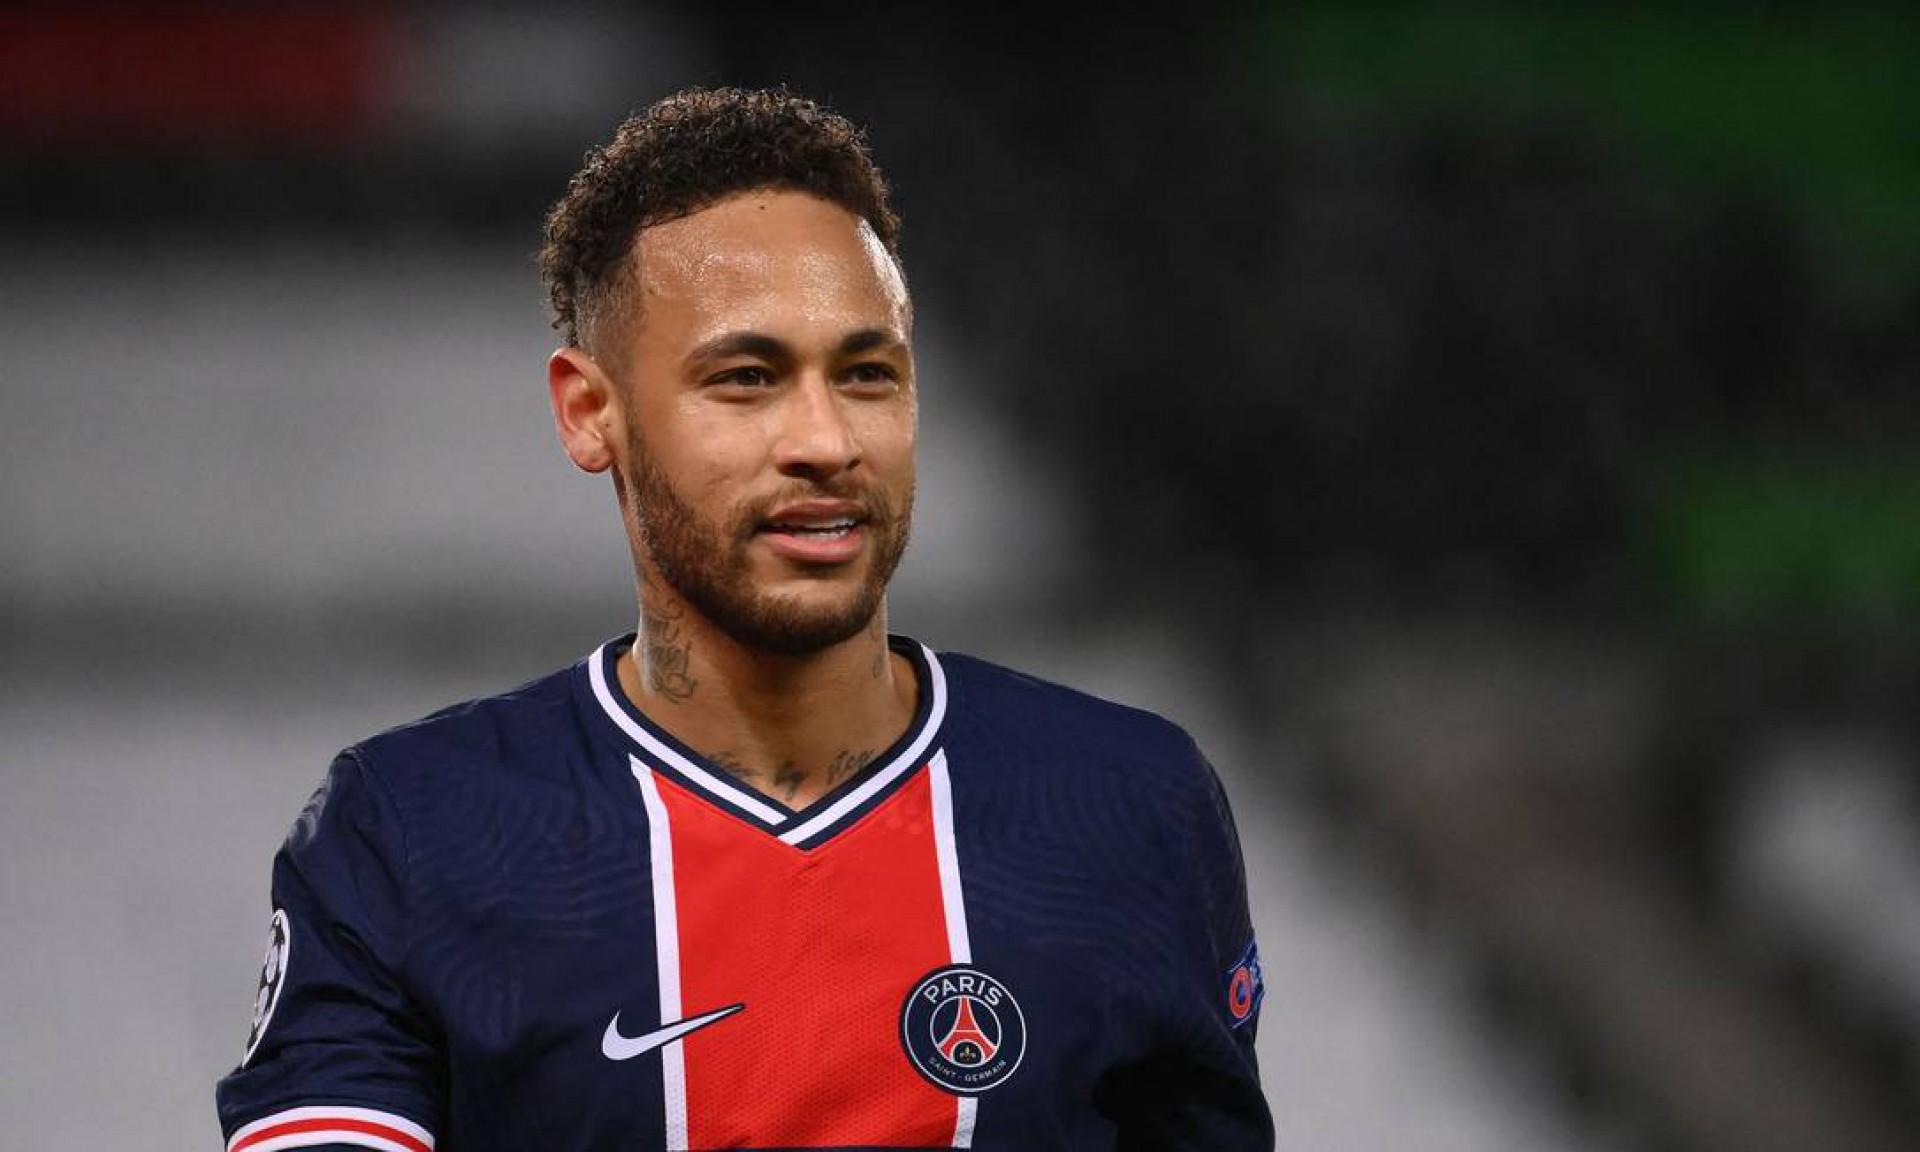 Neymar acertou três bolas na trave na derrota do PSG para o Bayern por 1 a 0 na volta das quartas de final da Champions. A equipe francesa avançou às semifinais no critério do gol fora de casa